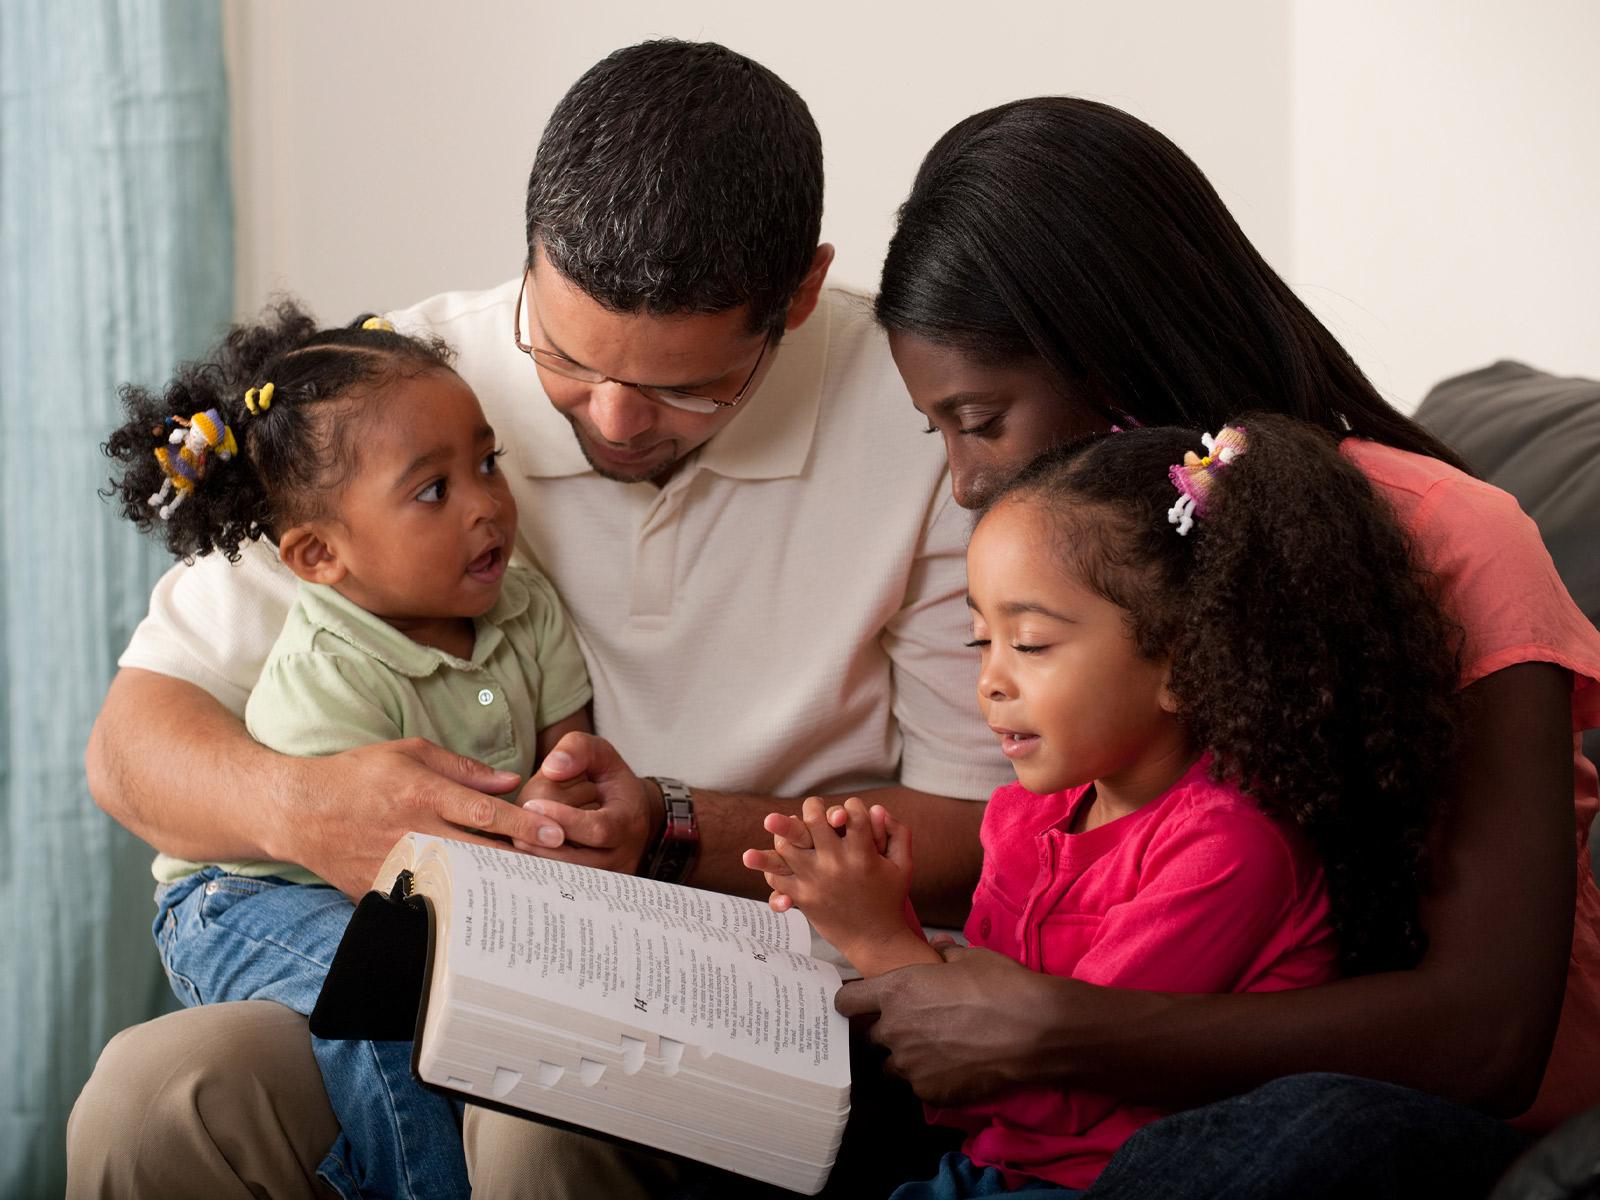 Os-filhos-se-alimentam-da-espiritualidade-dos-pais